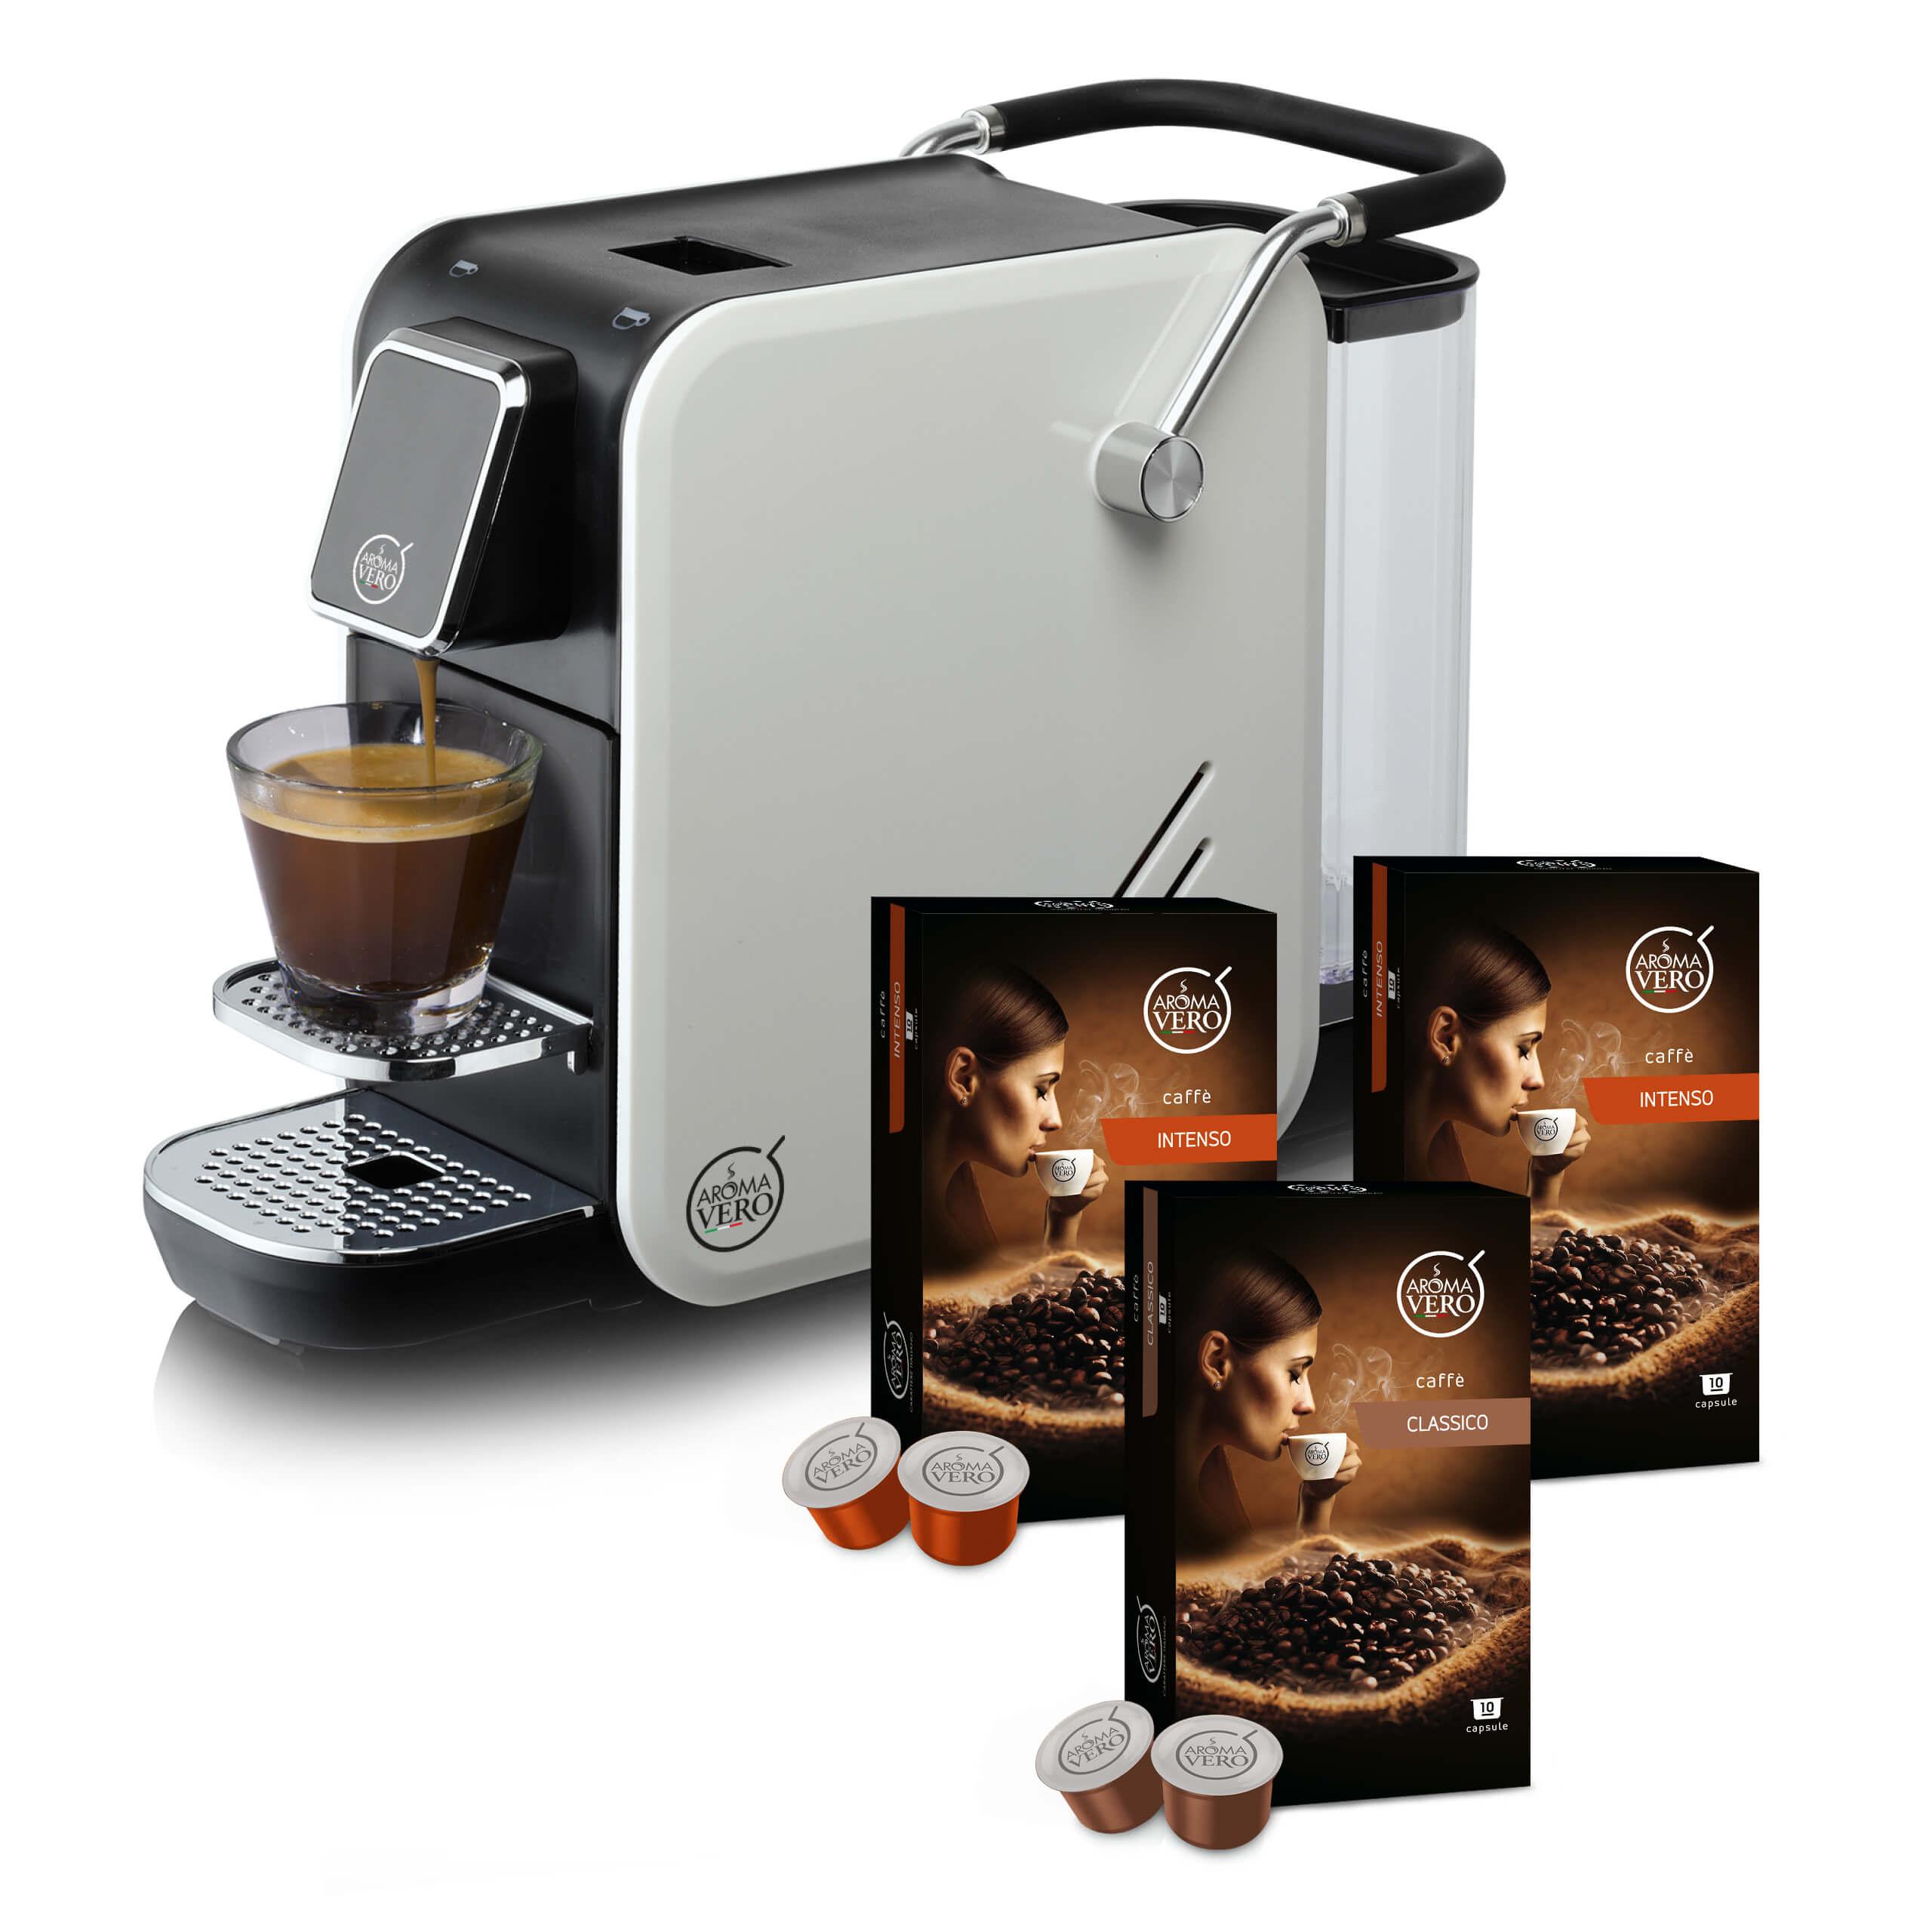 Aroma Vero | Kapselmaschine für Kaffee und Tee | inkl. Kapseln